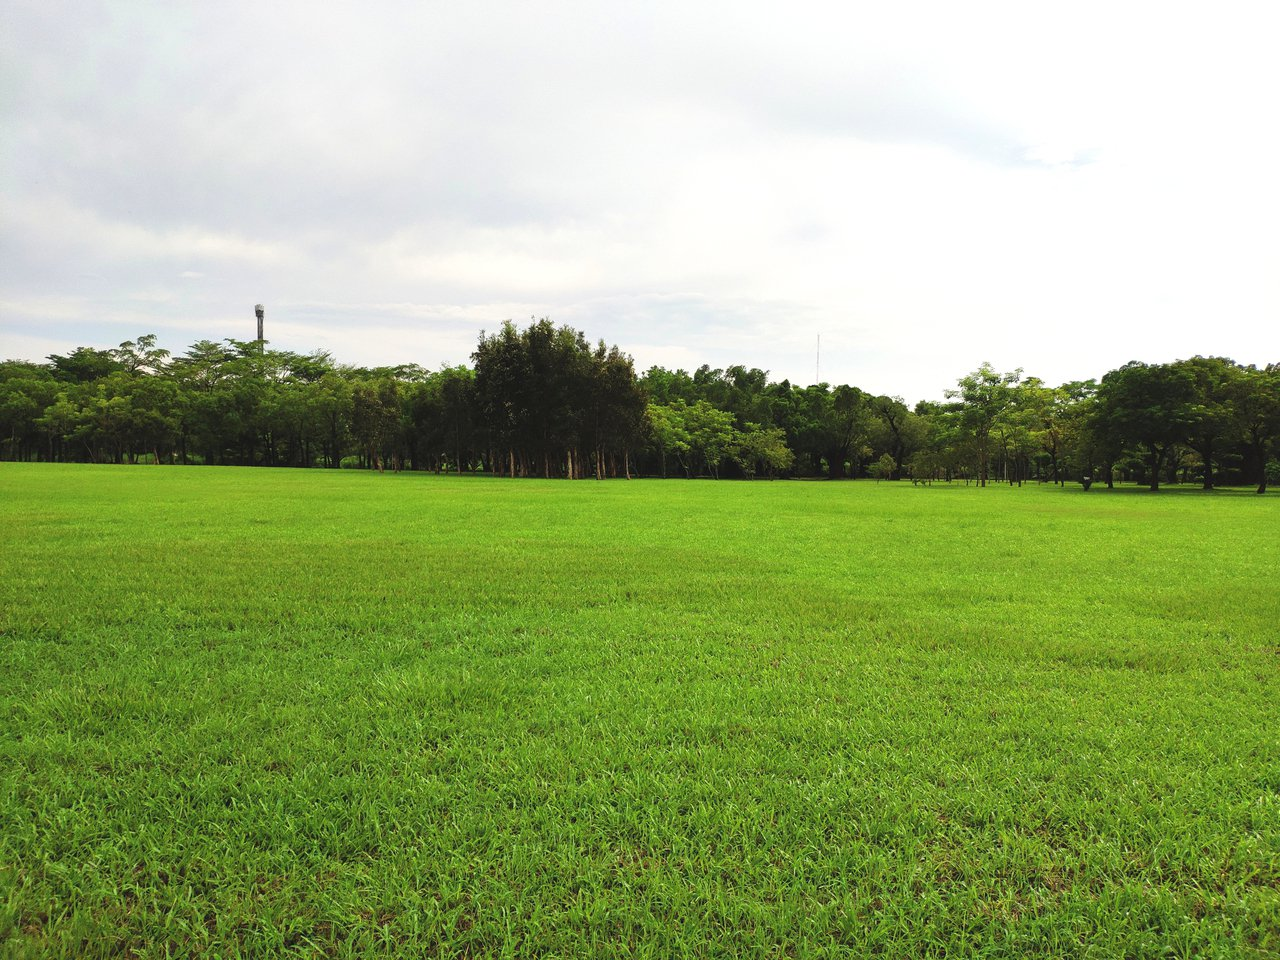 雨過天晴,台南揮別上半天暴雨,下午已陽光露臉。記者謝進盛/攝影